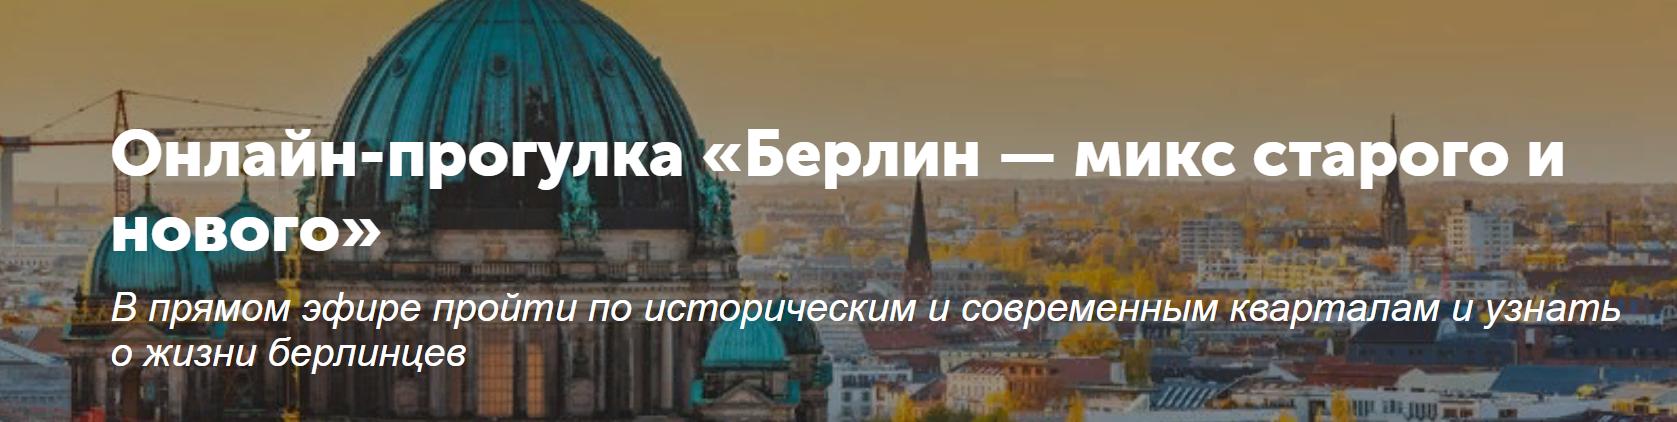 Берлин — микс старого и нового 1.png